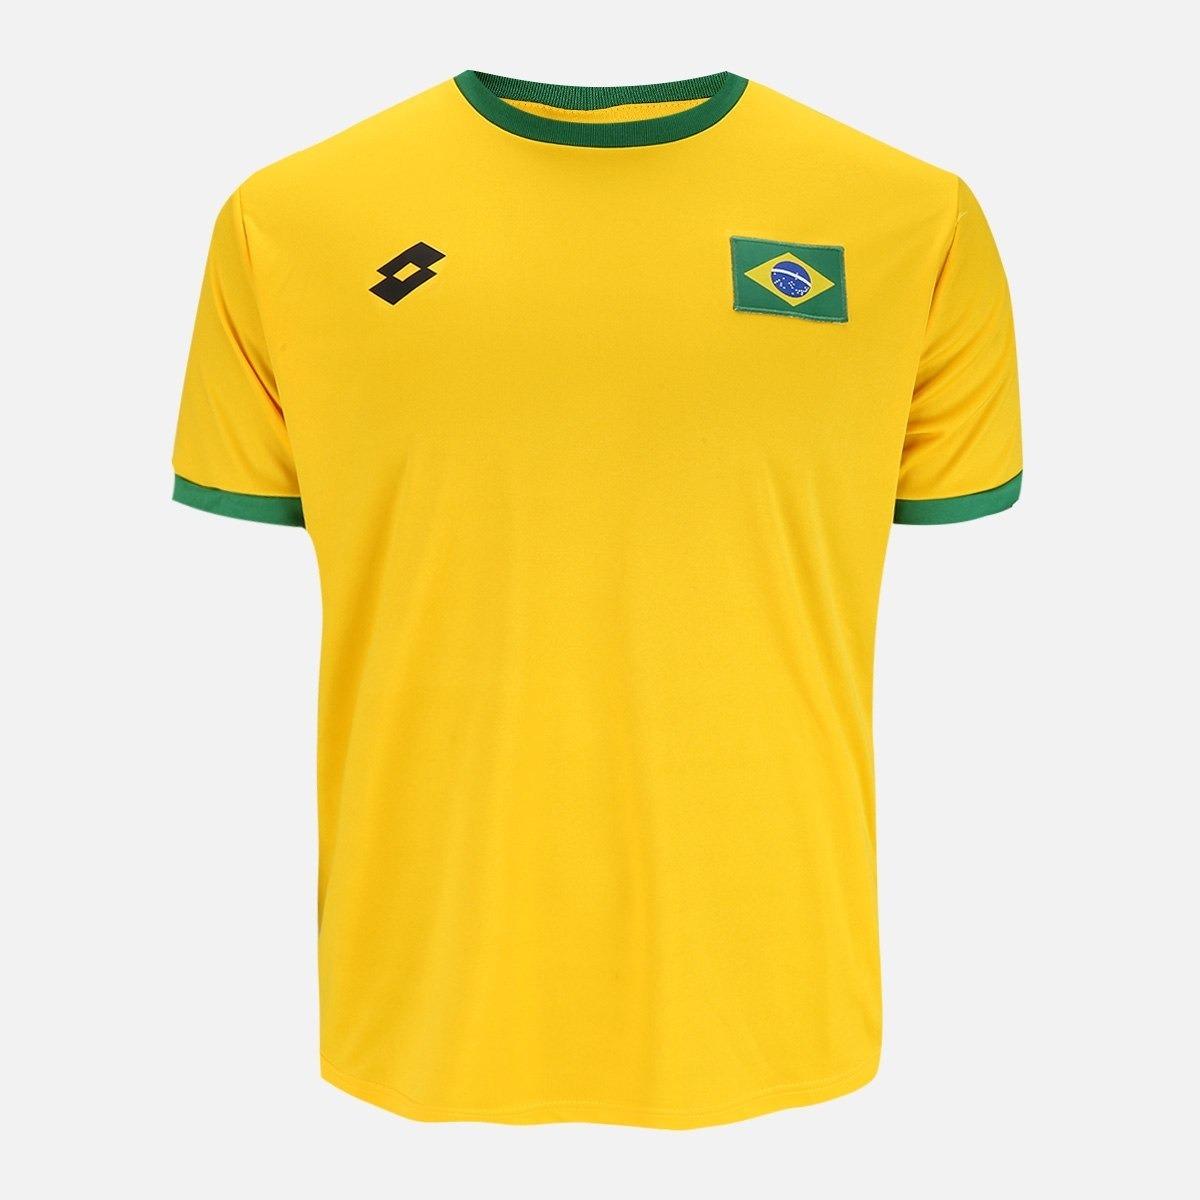 8c9032cb81 Camisa Brasil Lotto